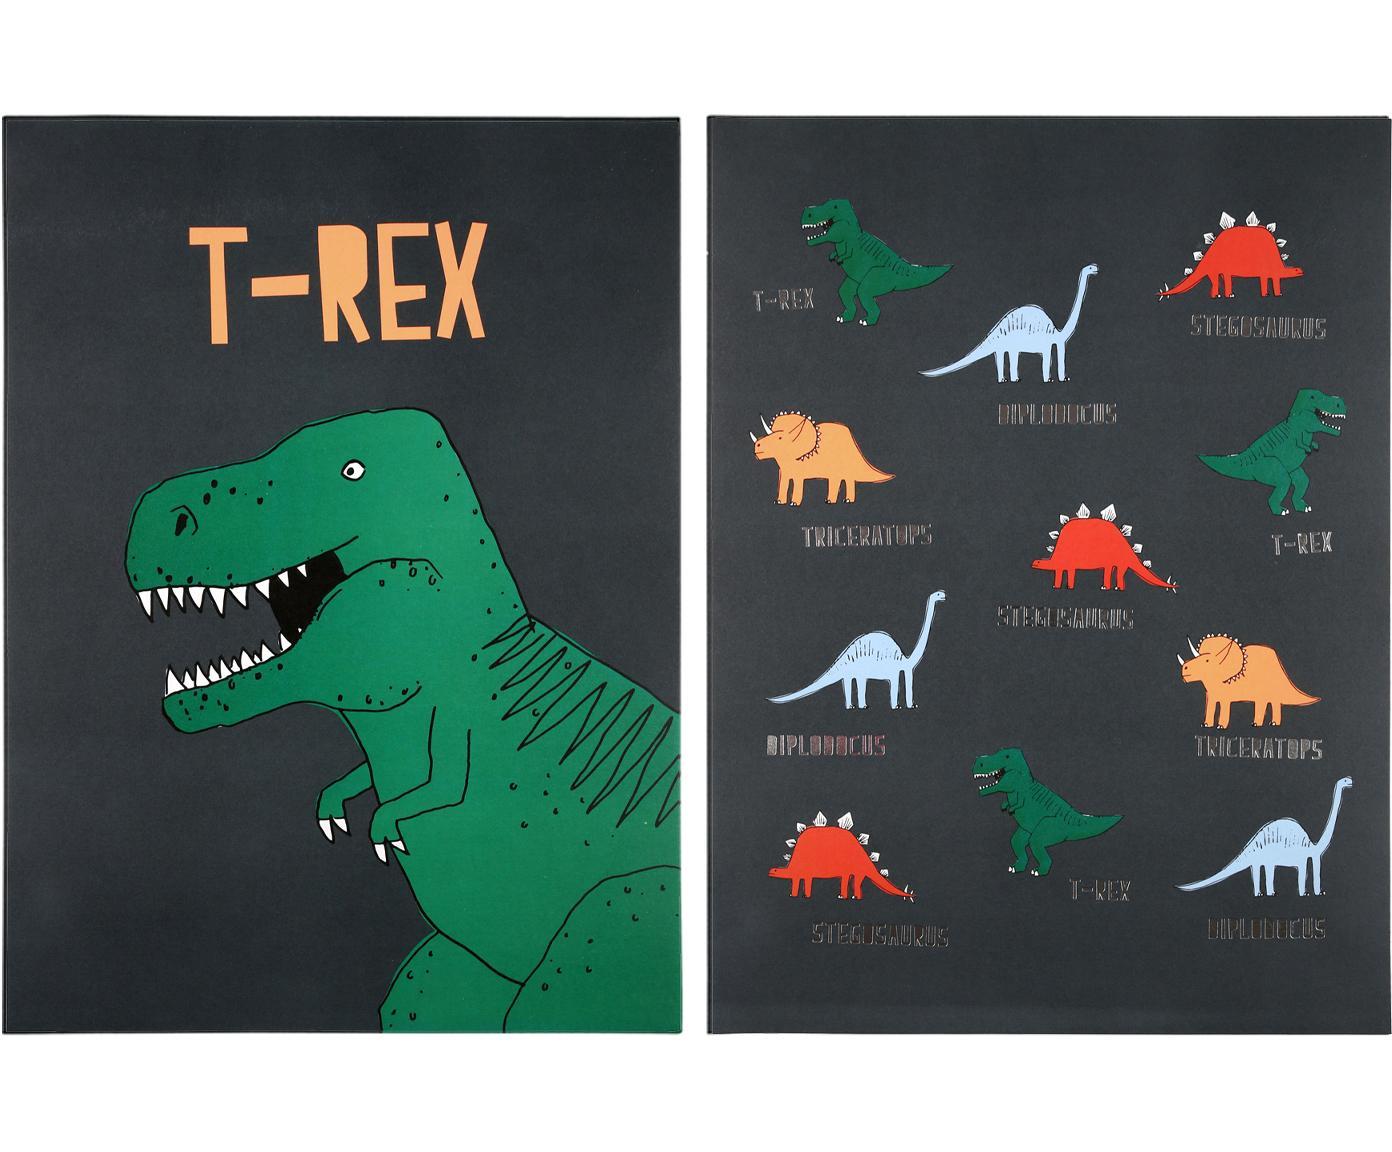 Komplet plakatów Dinosaur, 2 elem., Druk cyfrowy na papierze, 200 g/m², Zielony, szary, żółty, czerwony, niebieski, S 31 x W 41 cm